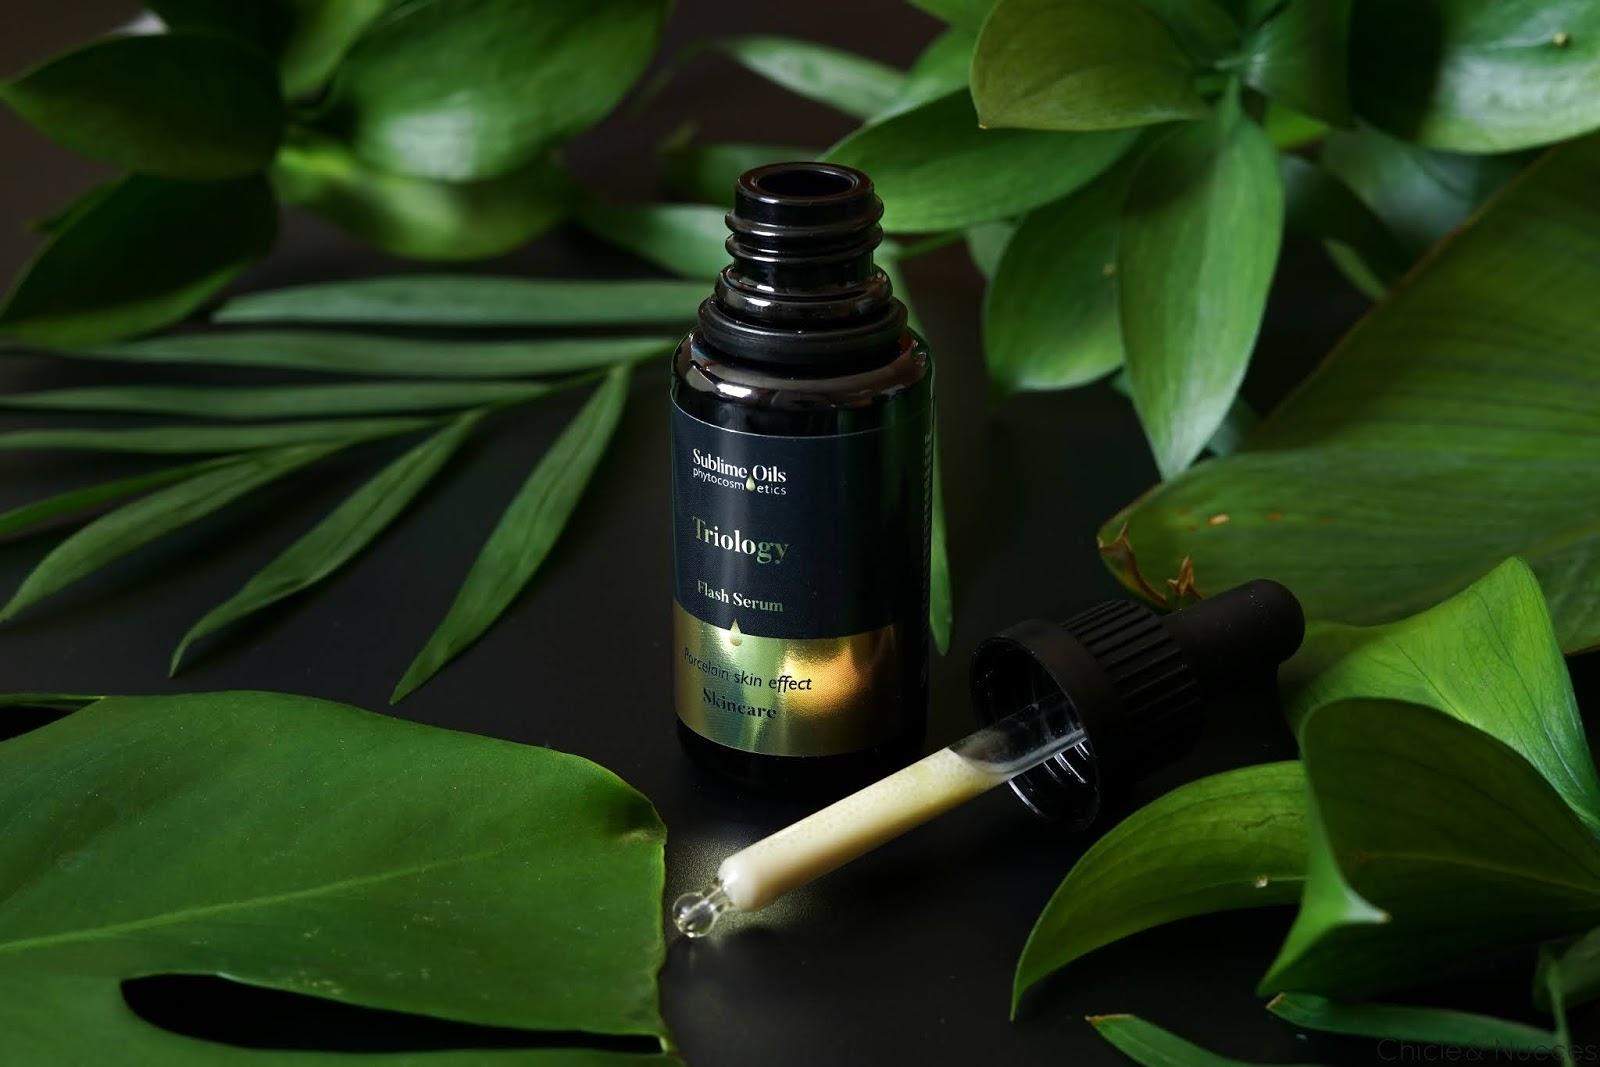 Serum Trilogy Sublime Oils